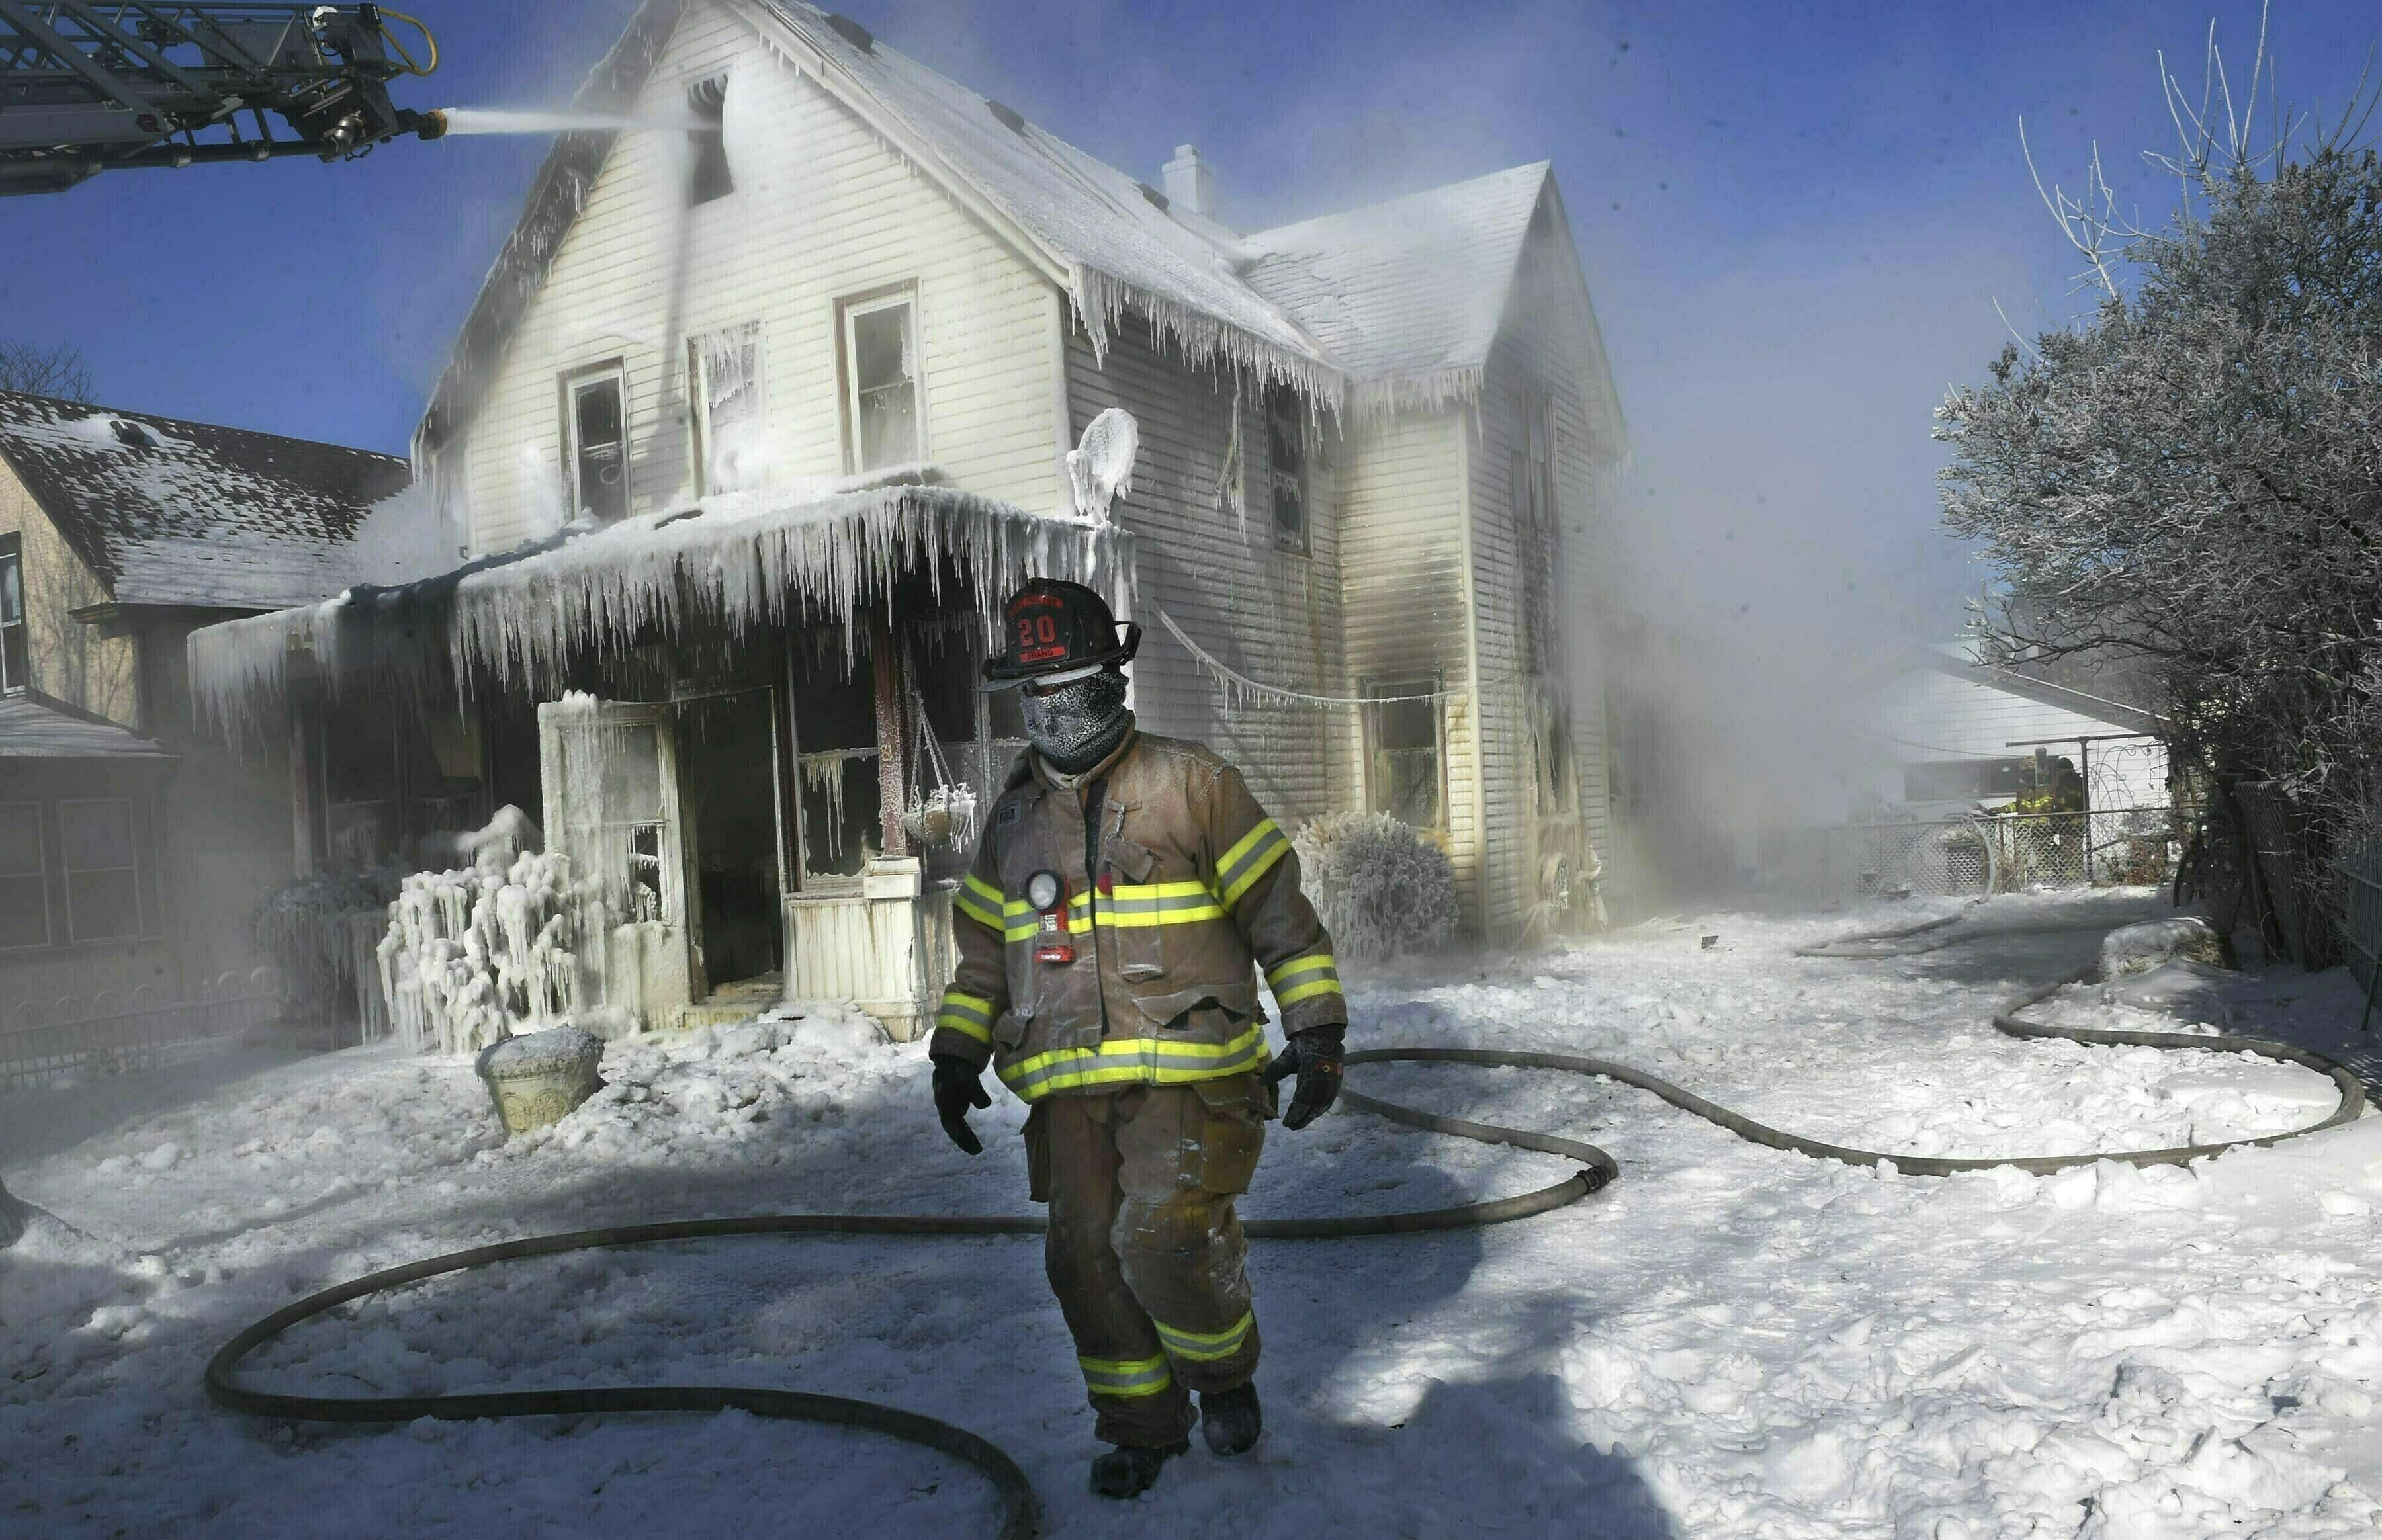 Φωτιά και πάγος: Πως είναι να σβήνεις πυρκαγιά στους -50 βαθμούς